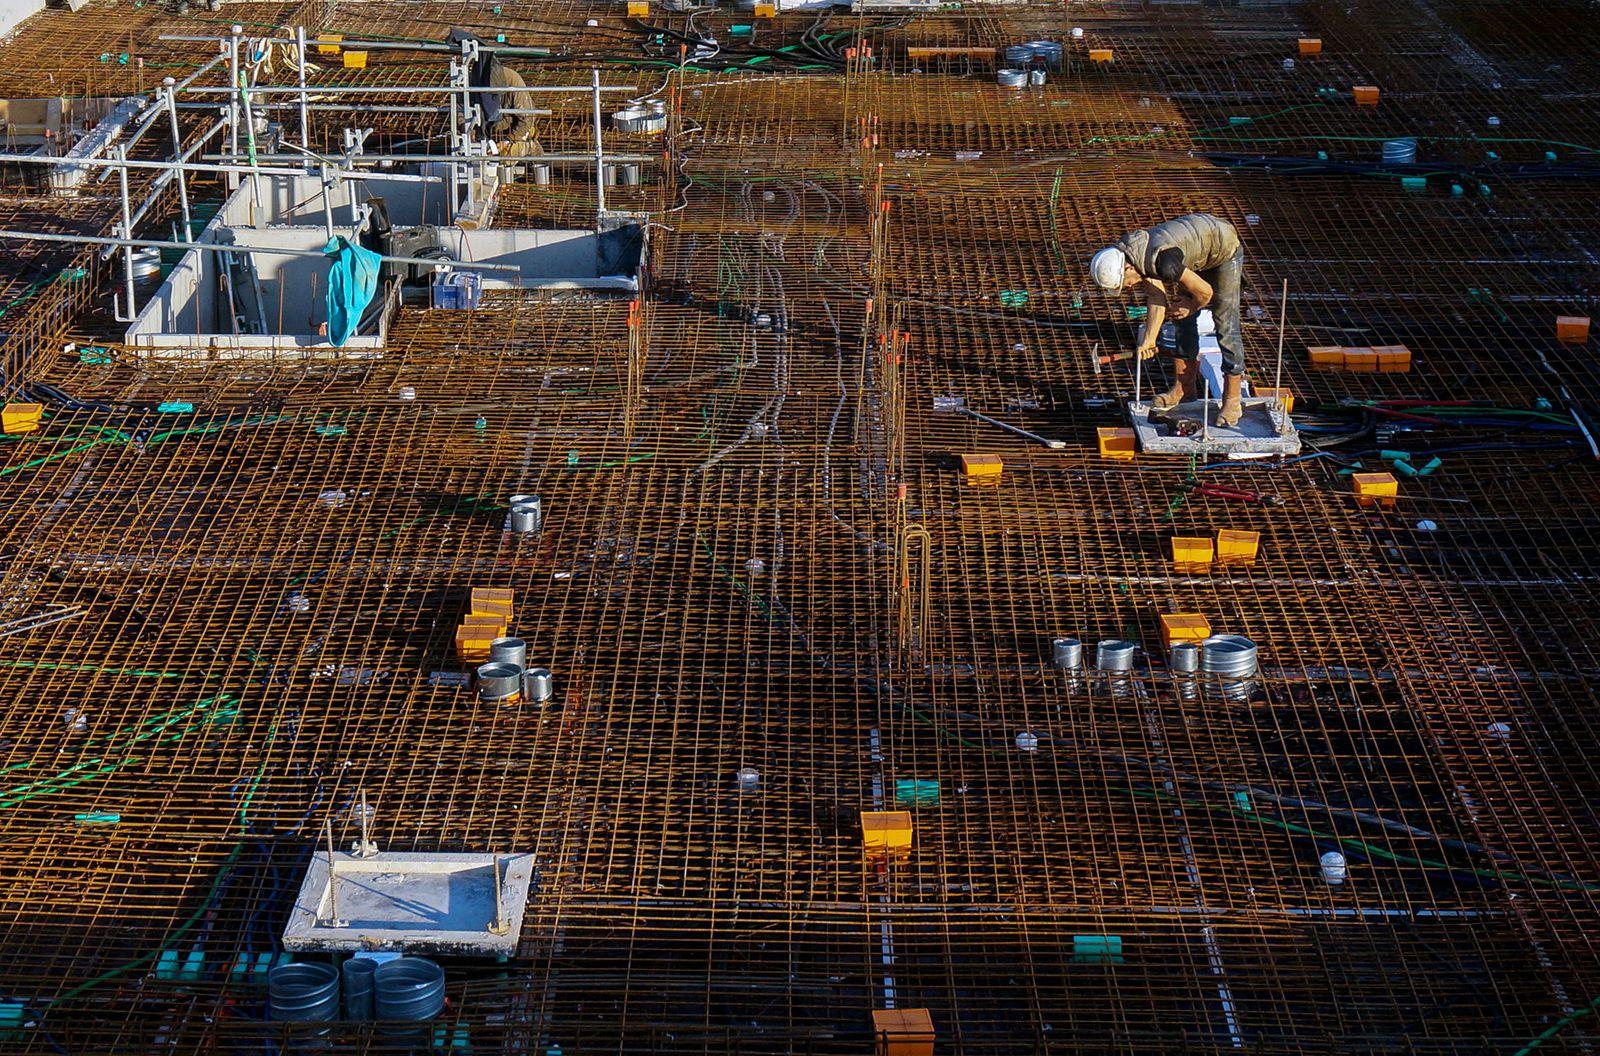 Préparation d'un plancher de logement en construction avant coulage du béton. Chantier Bouygues Immobilier Grâce de Dieu. Décembre 2015